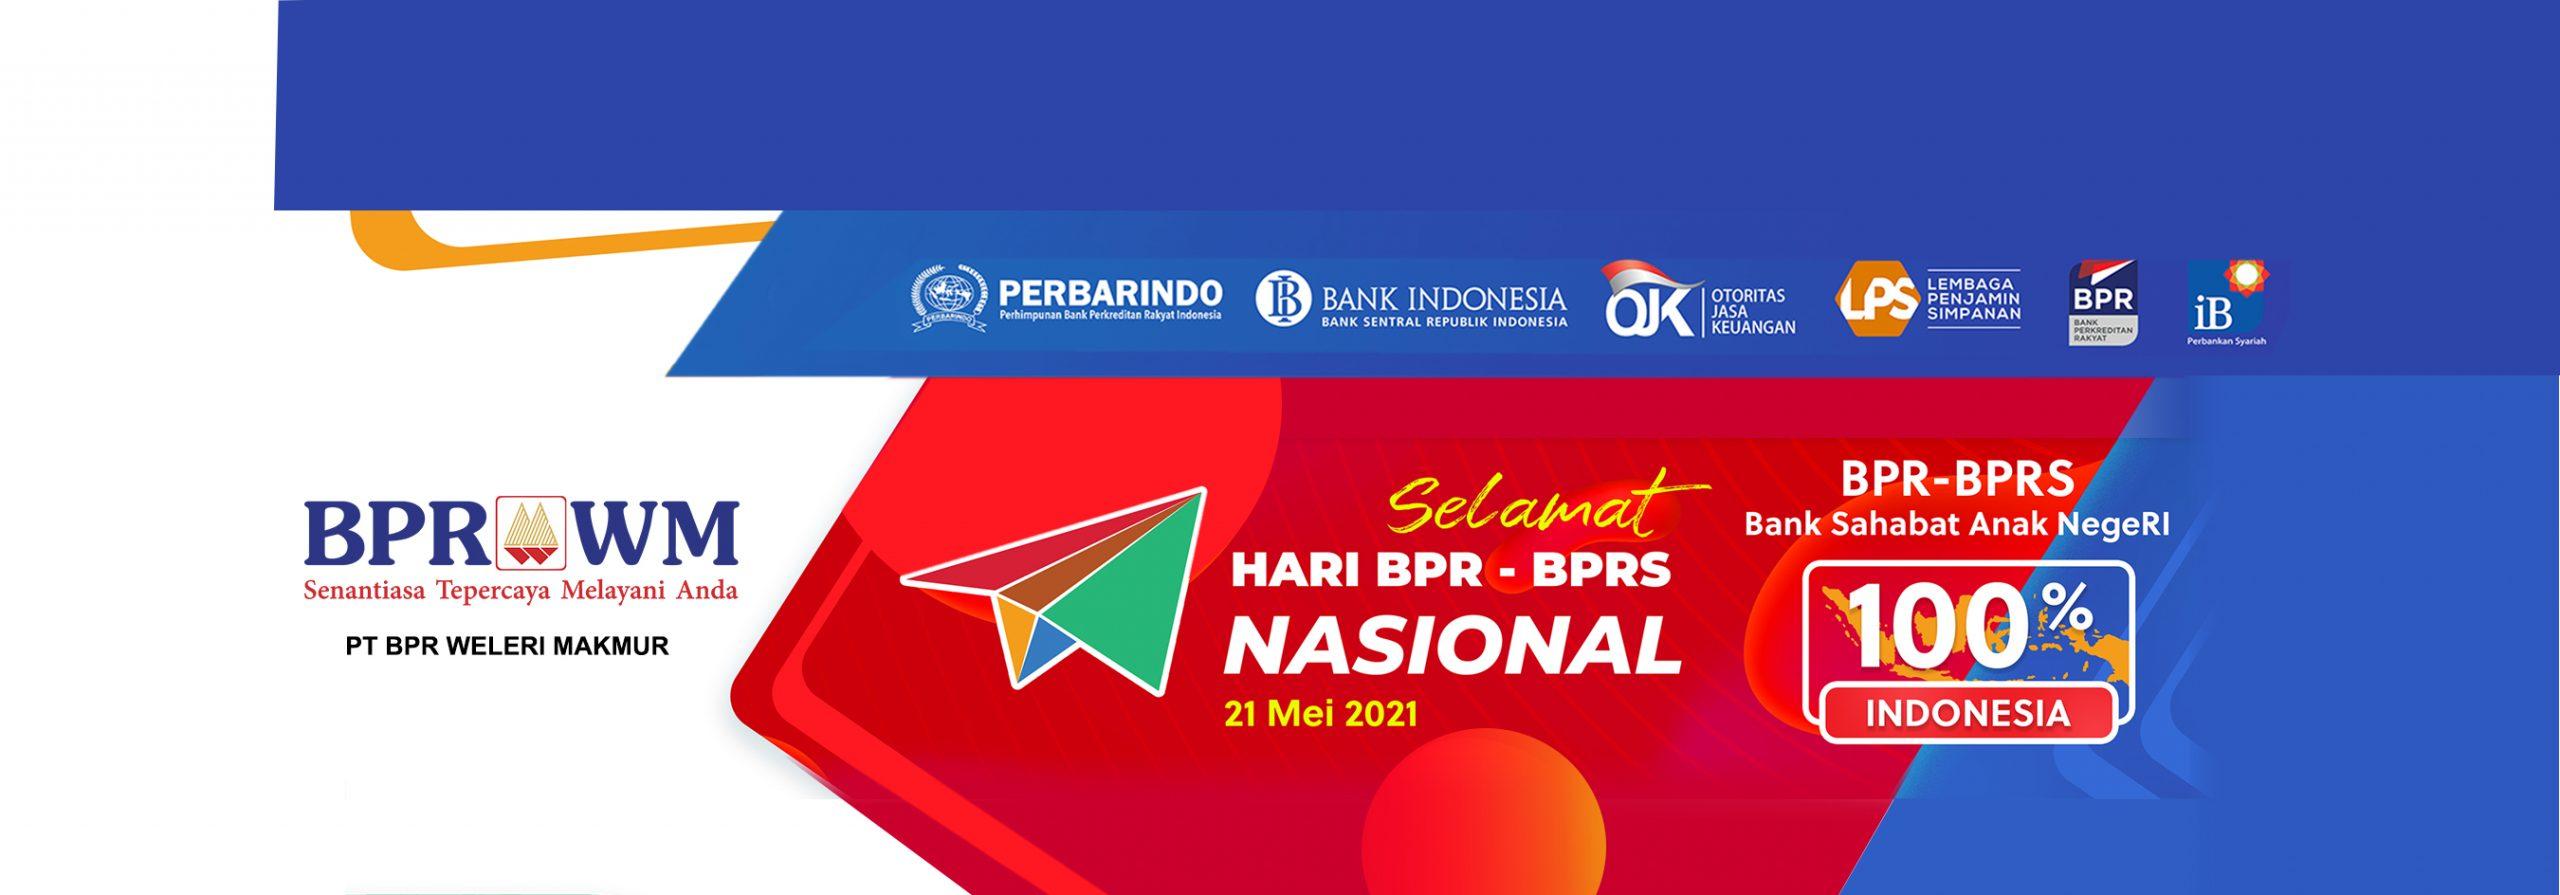 Banner-Hari-ulang-tahun-BPR-bprs-v2-scaled